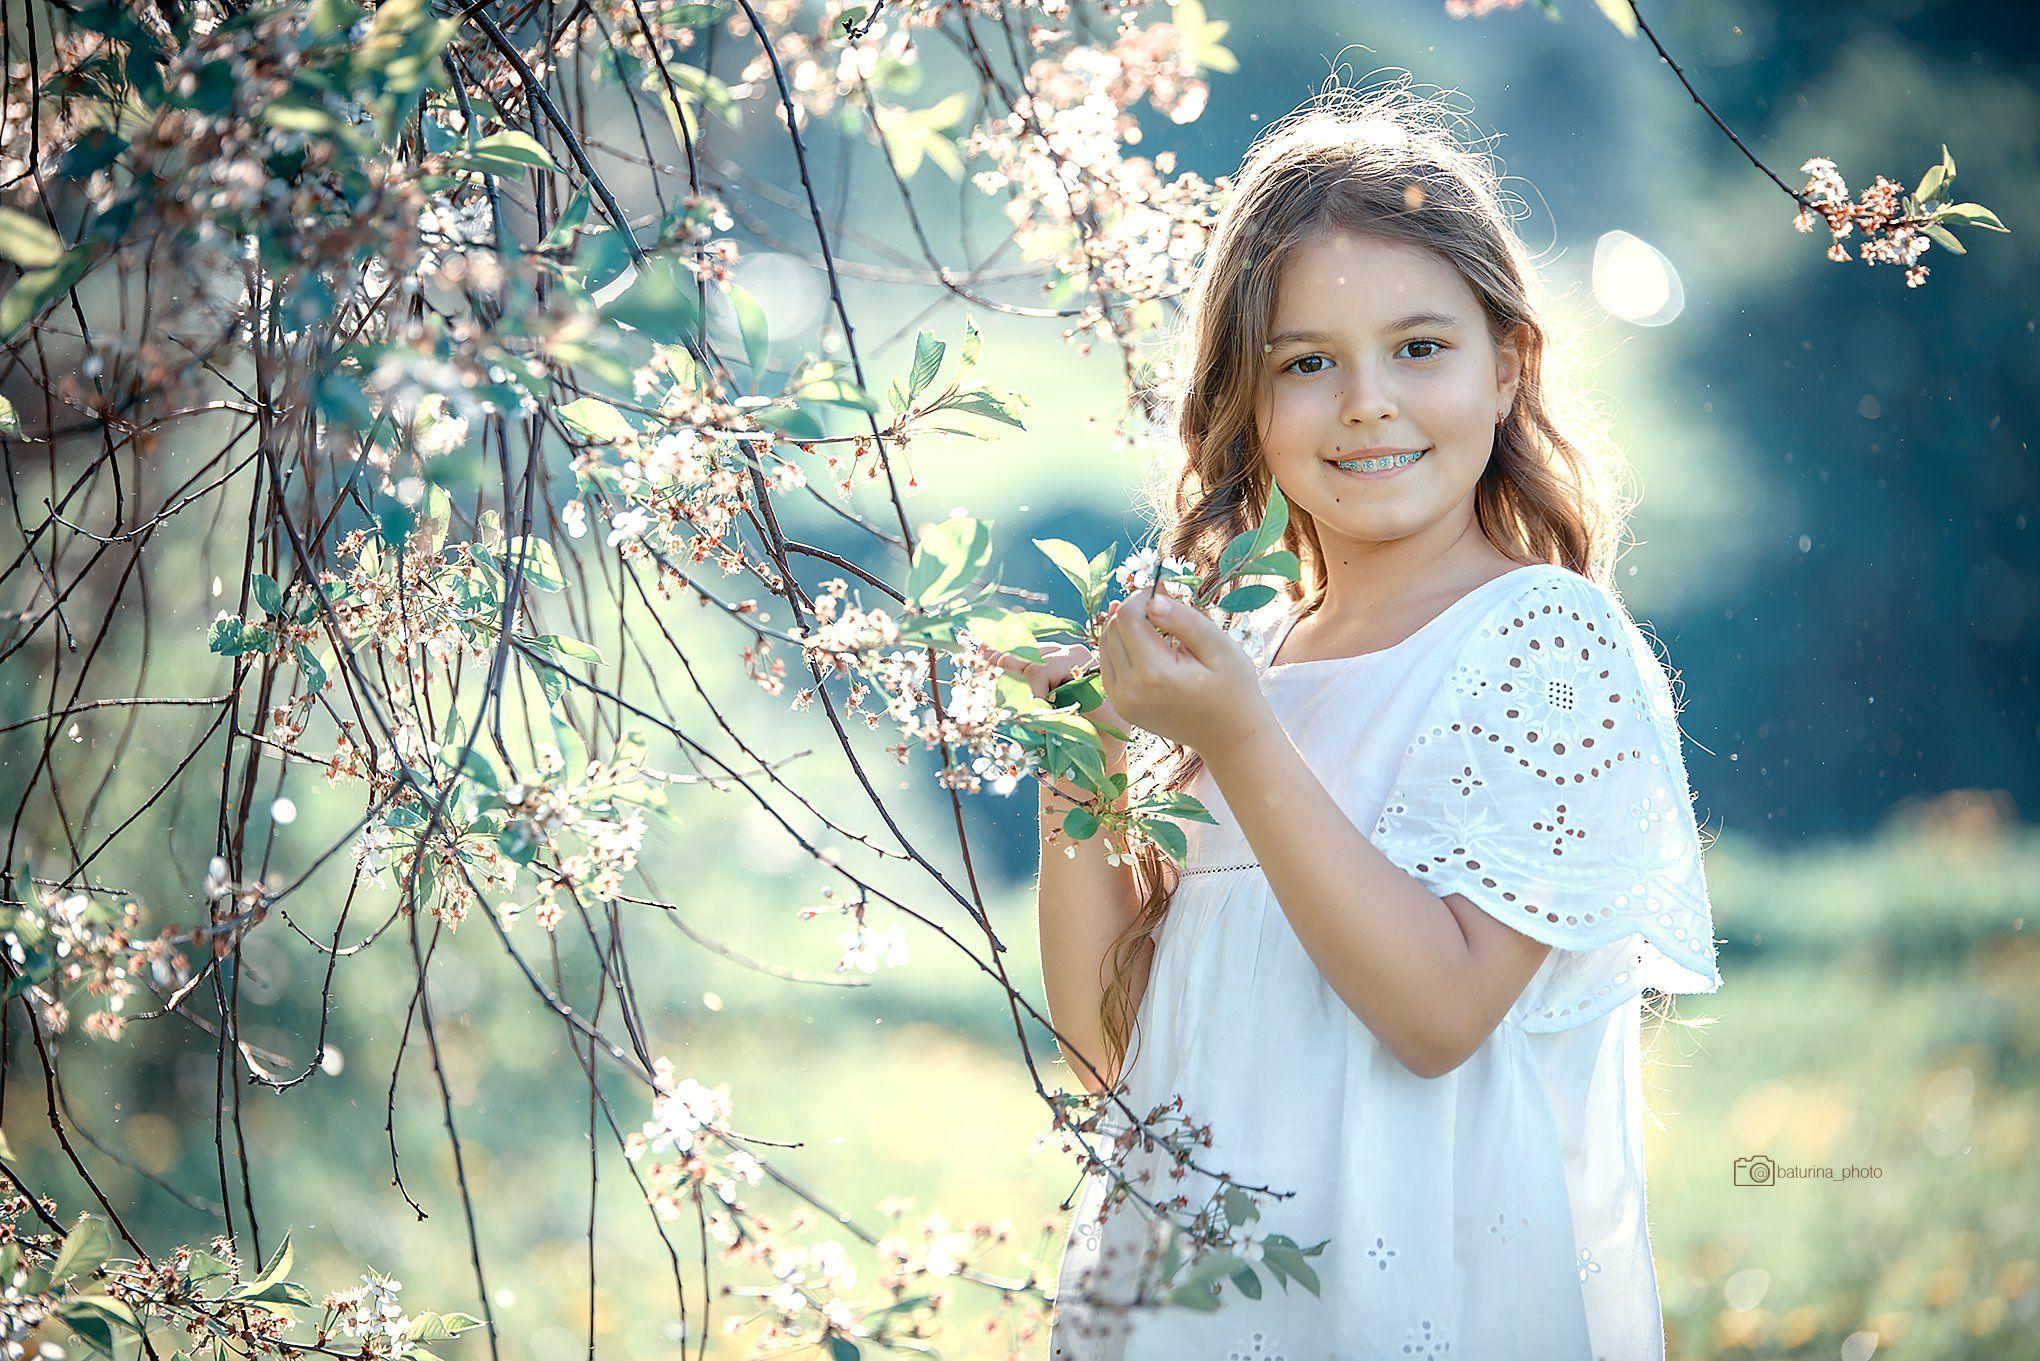 nikon spring garden girl cherry, Yulia